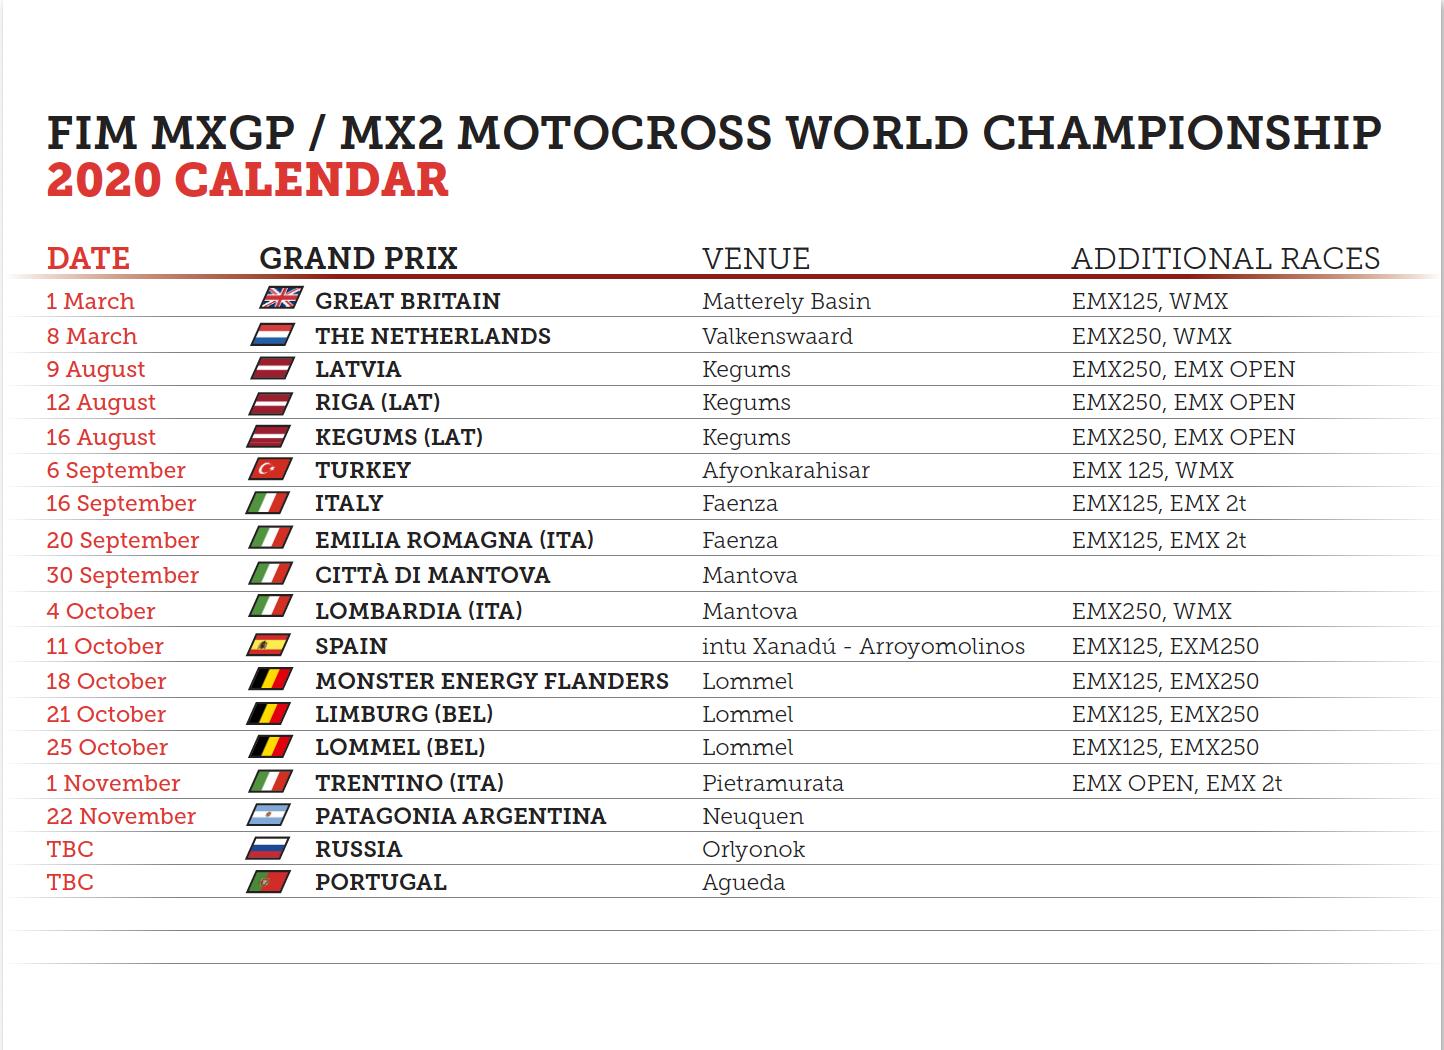 Annullato il Motocross delle Nazioni A 2020